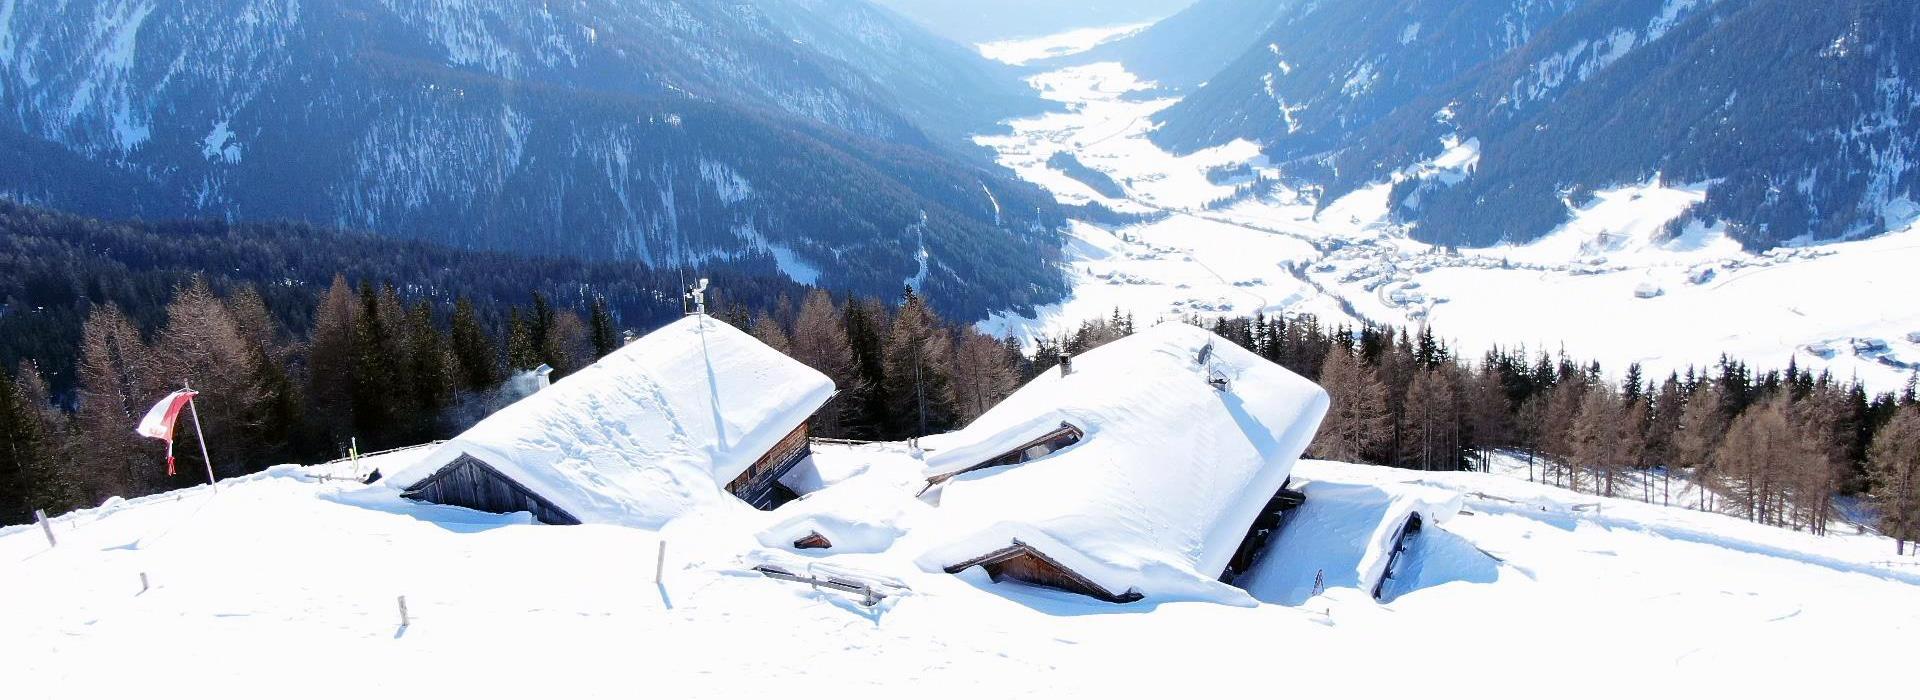 Uwaldalm- Gsiersertal - Pustertal - Almen in Südtirol – Winterwandern Eisacktal - I mog südtirol – Wandern in Südtirol